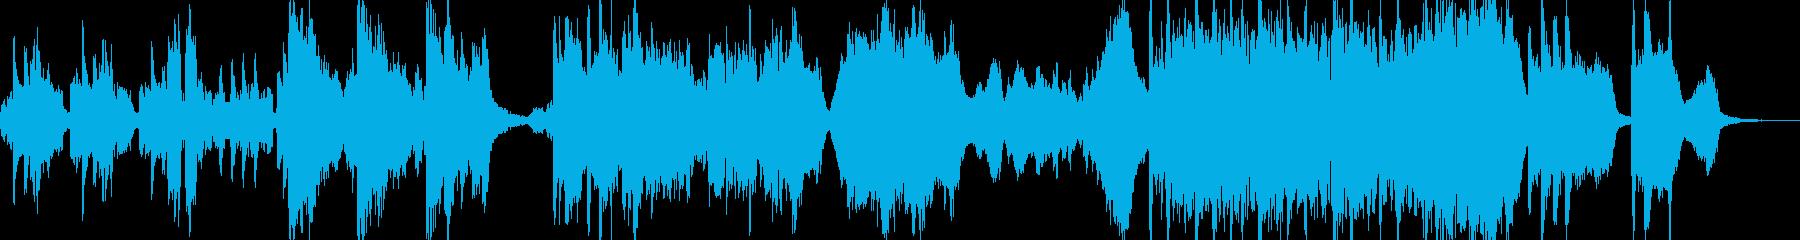 和風でしっとり、映像向けドラマチックな曲の再生済みの波形